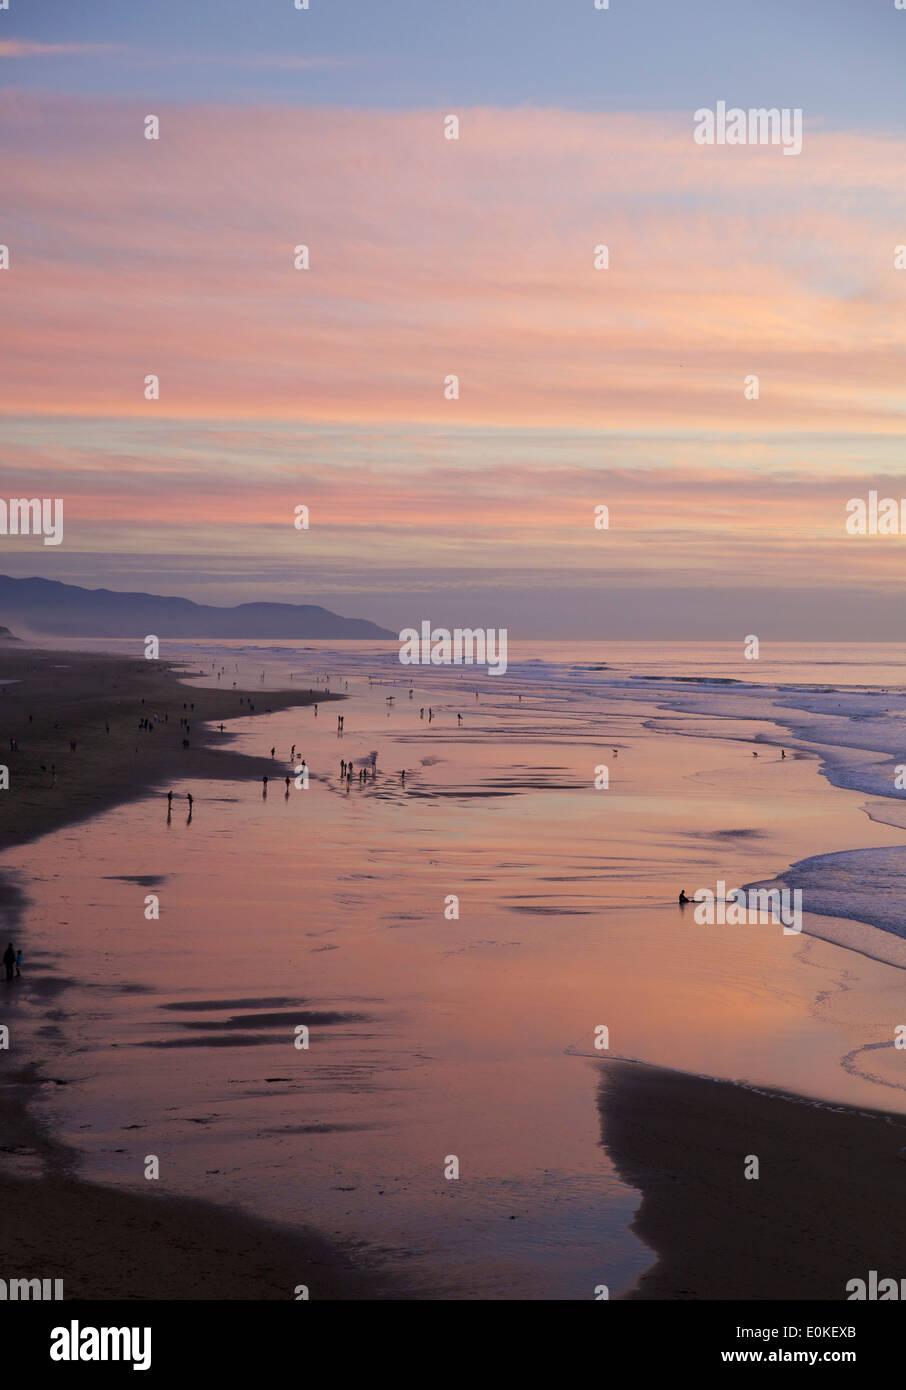 Menschen zu Fuß entlang der Küste sind gegen einen genialen Sonnenuntergang mit Farben blau, rosa und lila und Orange Silhouette. Stockbild